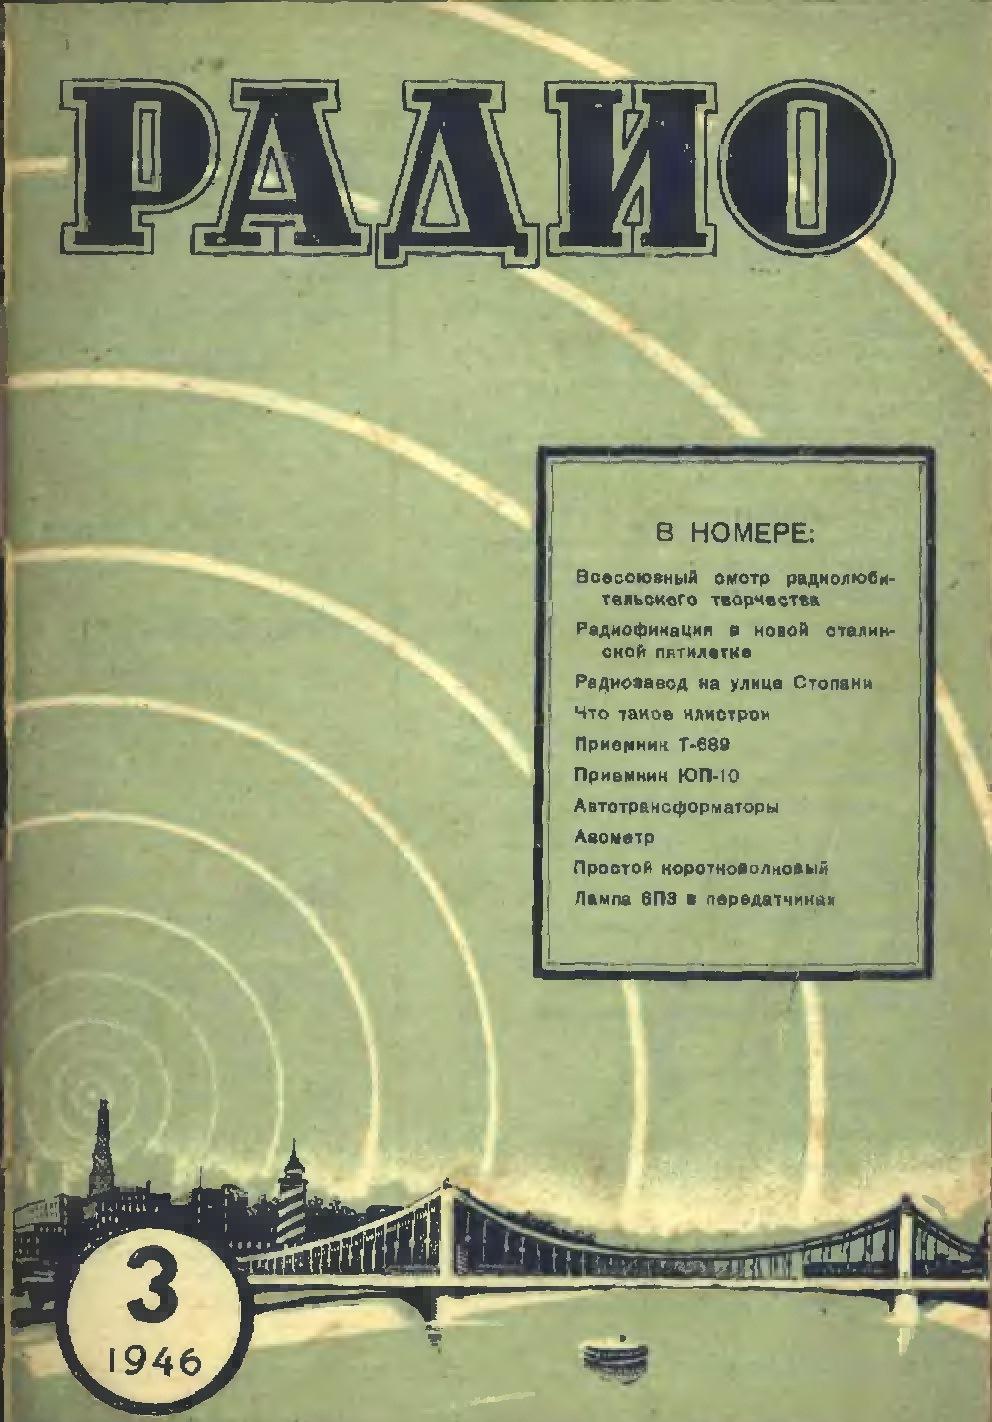 Нажмите на изображение для увеличения.  Название:1946-03-Обложка.jpg Просмотров:13 Размер:304.2 Кб ID:208307